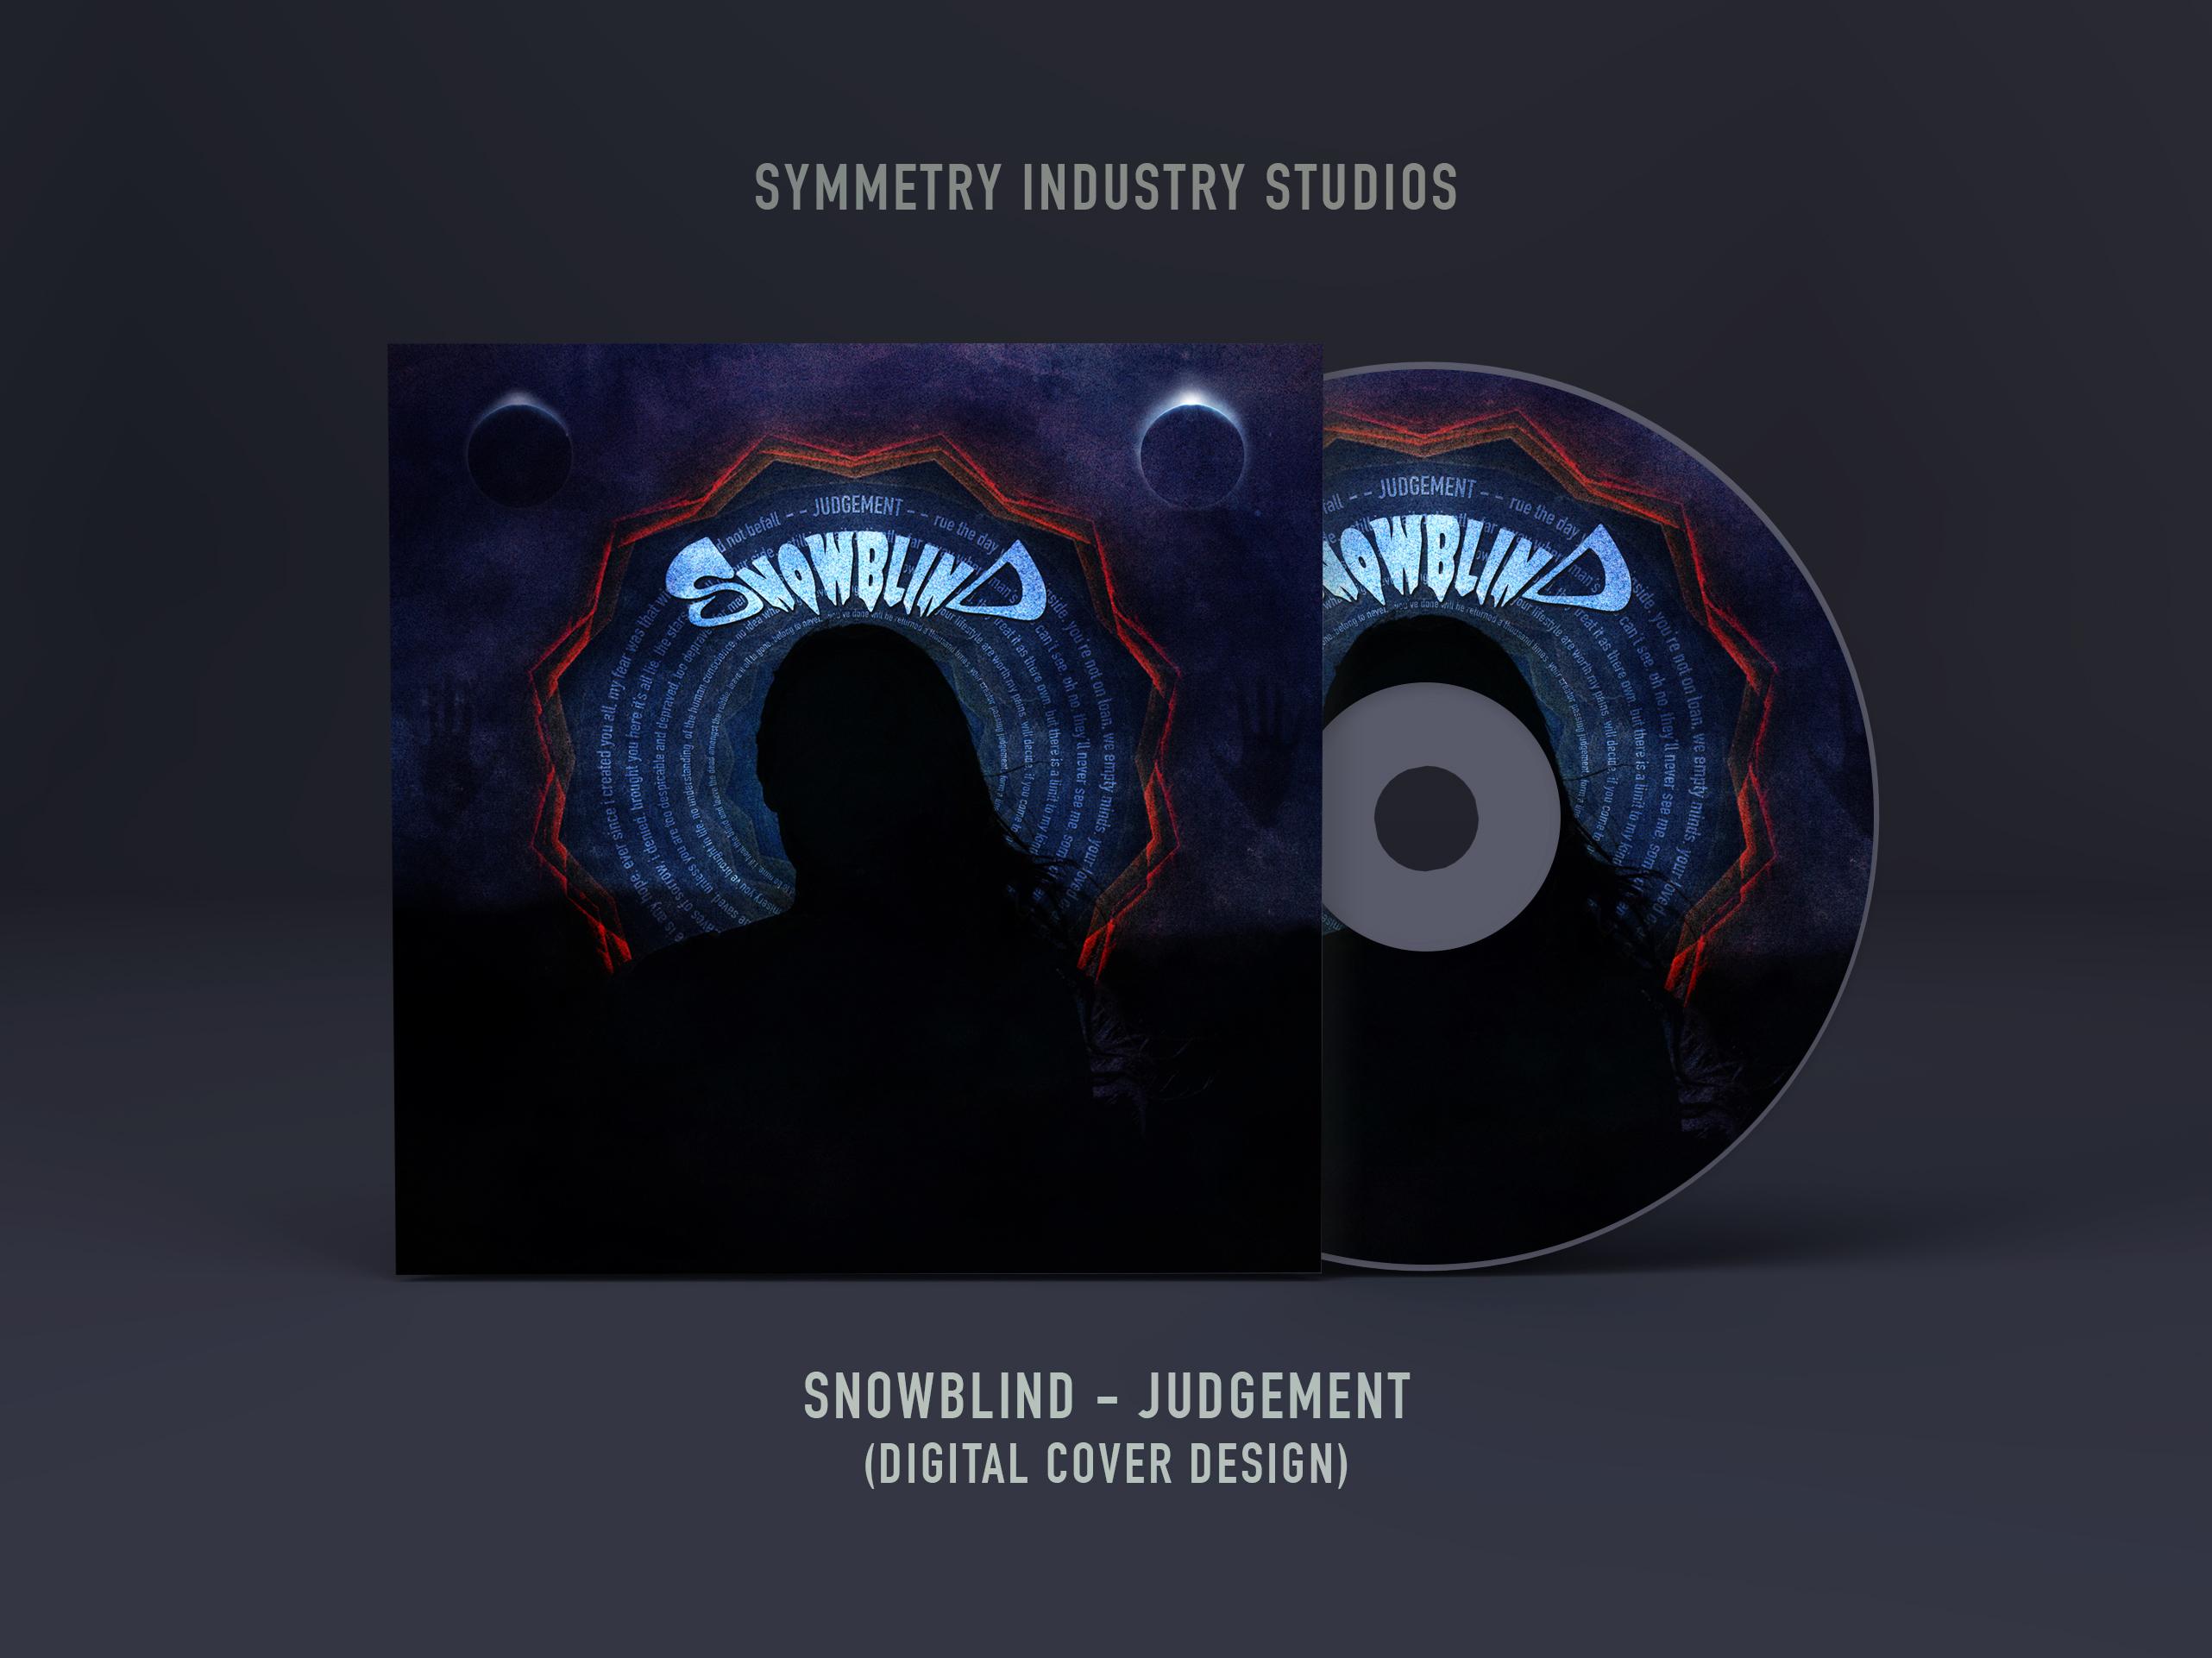 Snowblind - Judgement (Mockup)